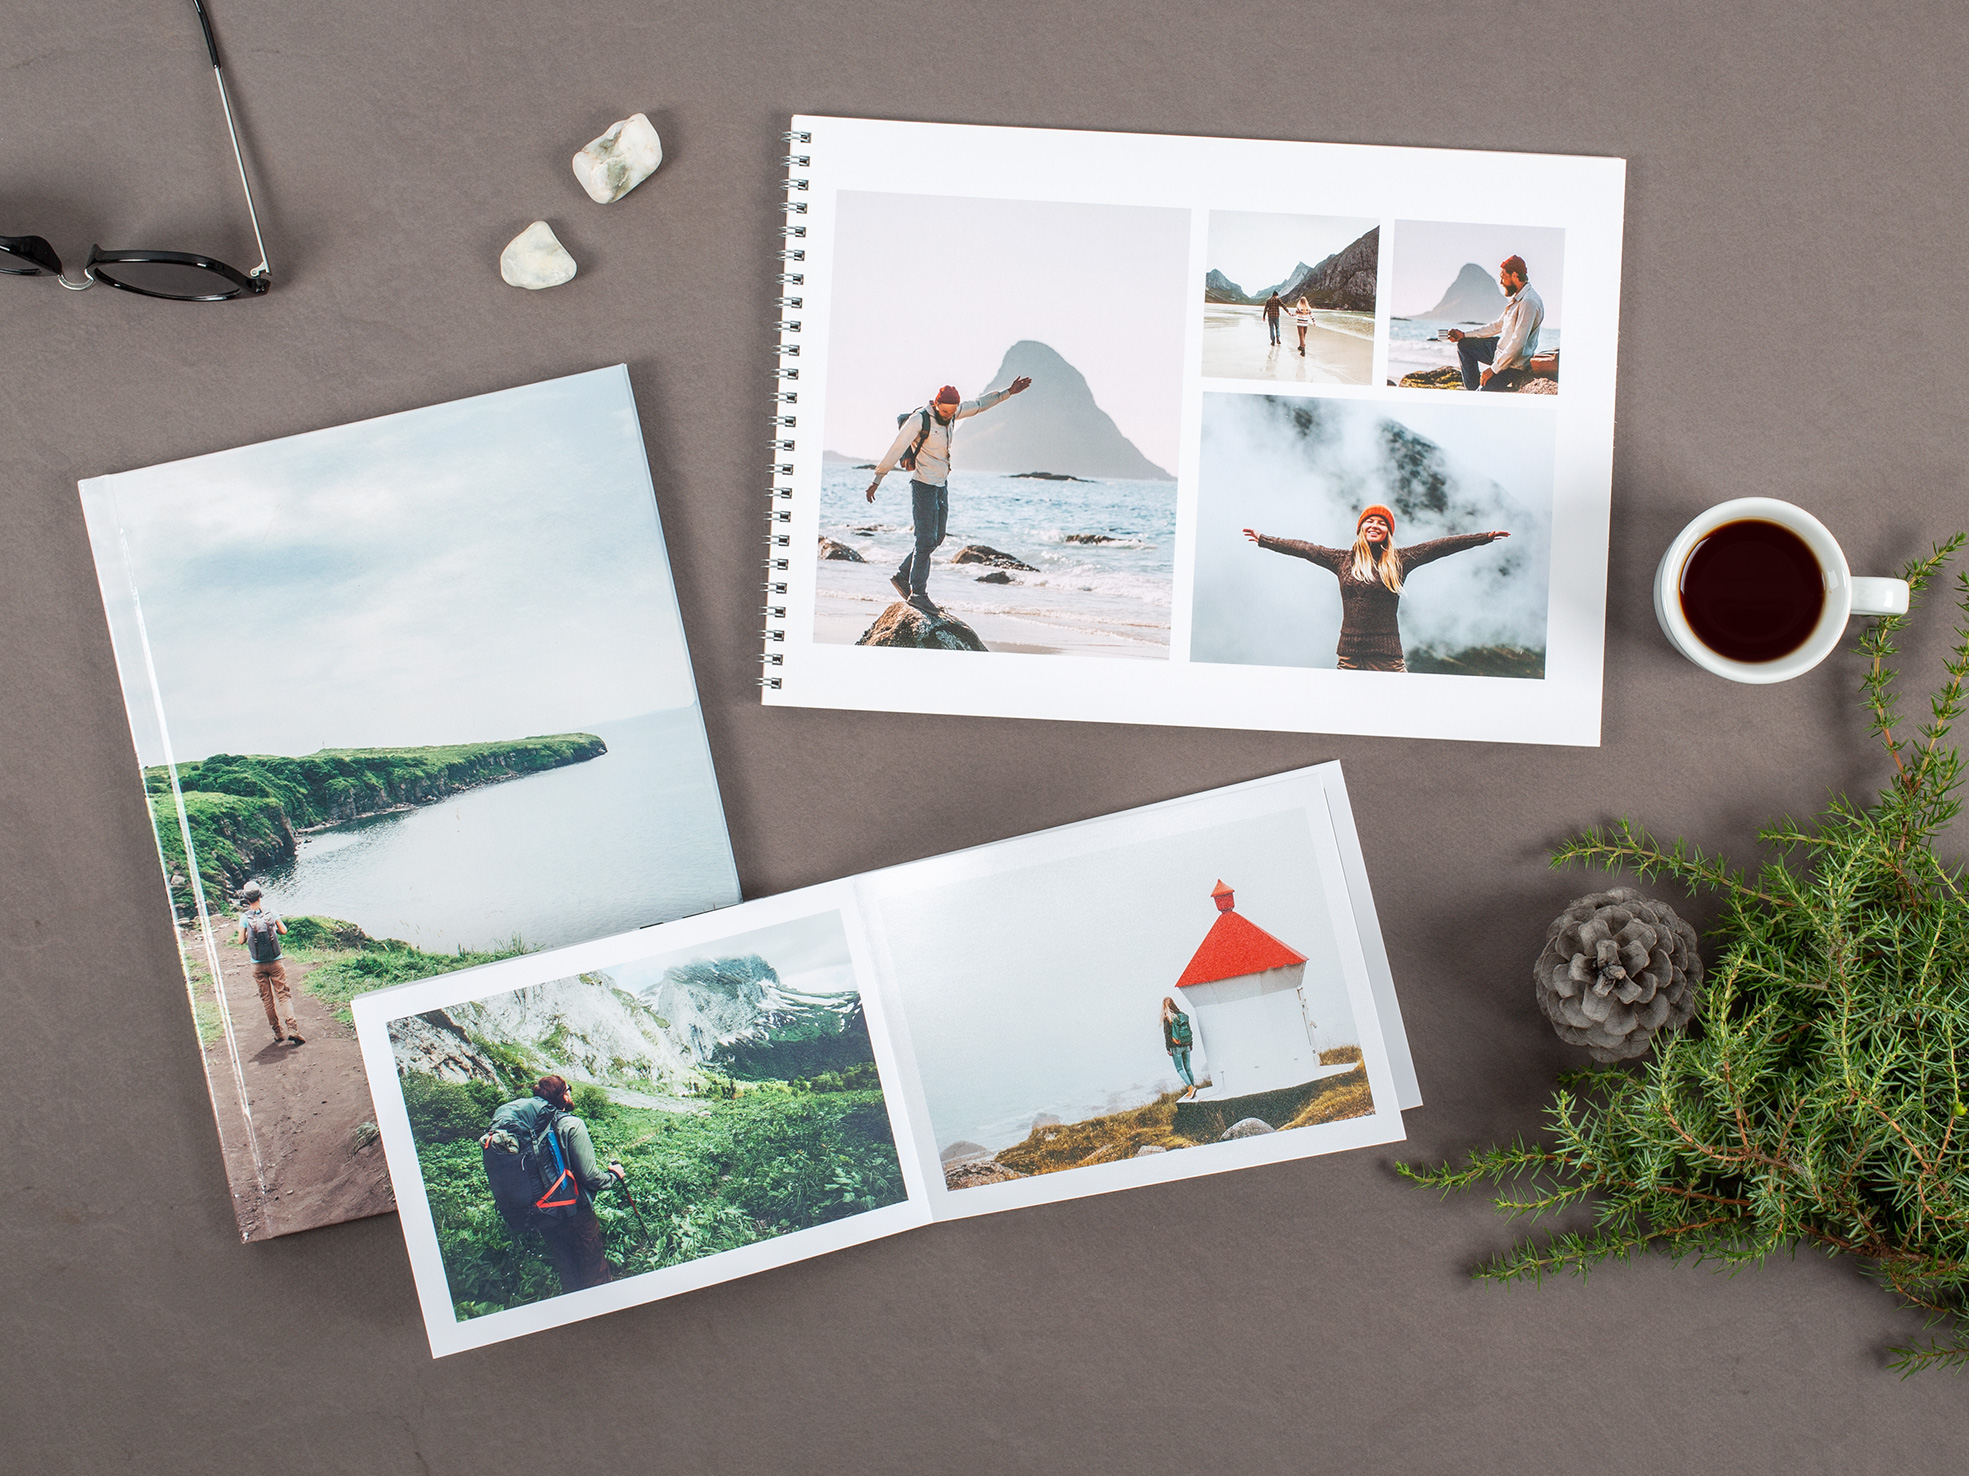 Книга в картинках: история вашего путешествия